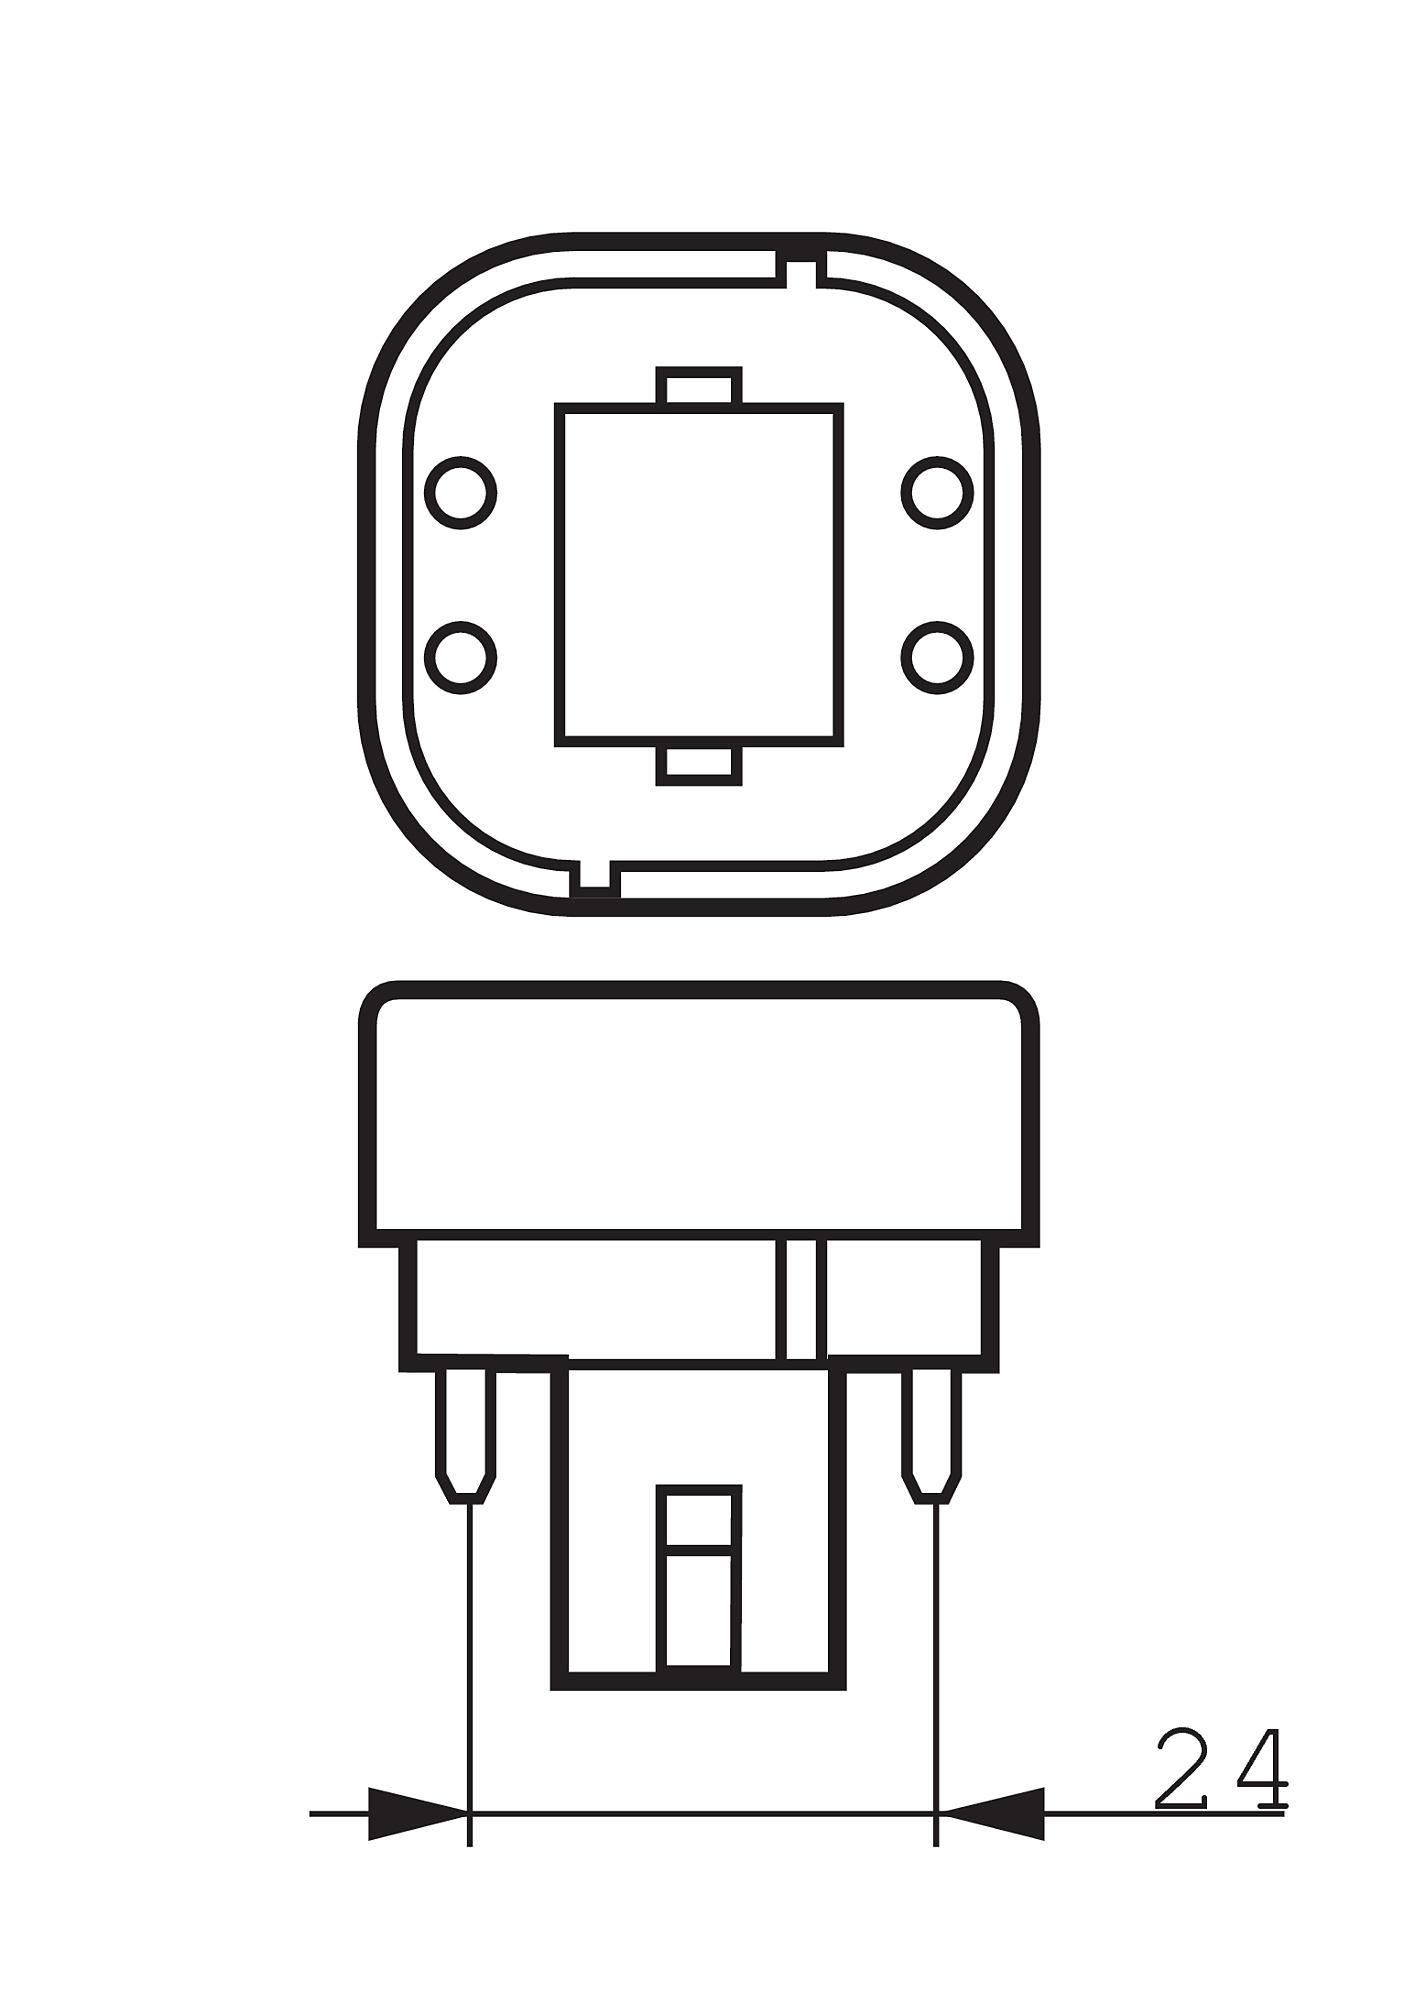 Philips Pienoisloistelamppu Philips Pl C 26w 840 4p G24q 3